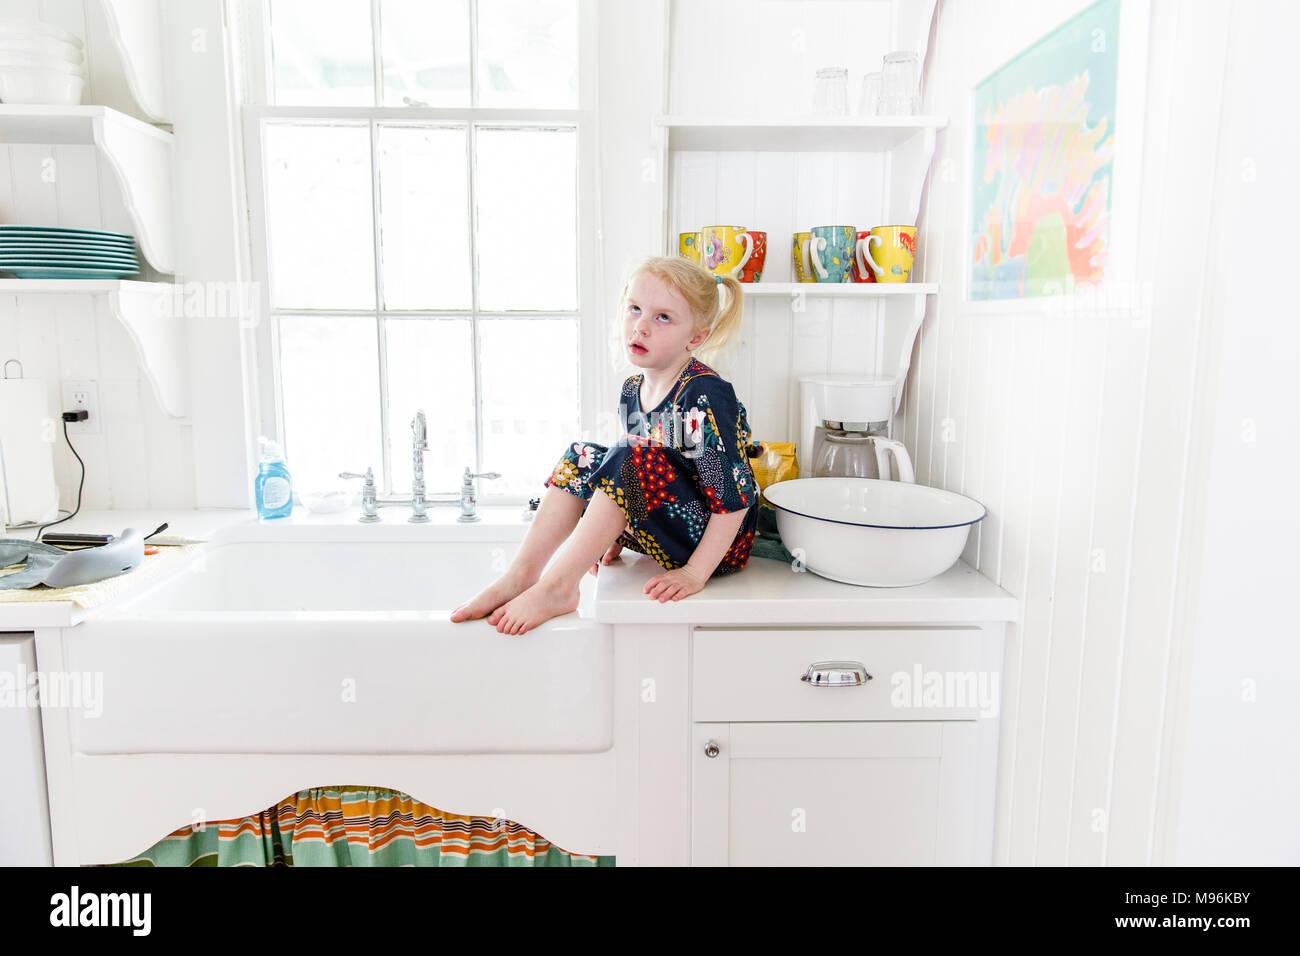 Mädchen rollenden Augen sitzen auf küchenarbeitsplatte Stockbild